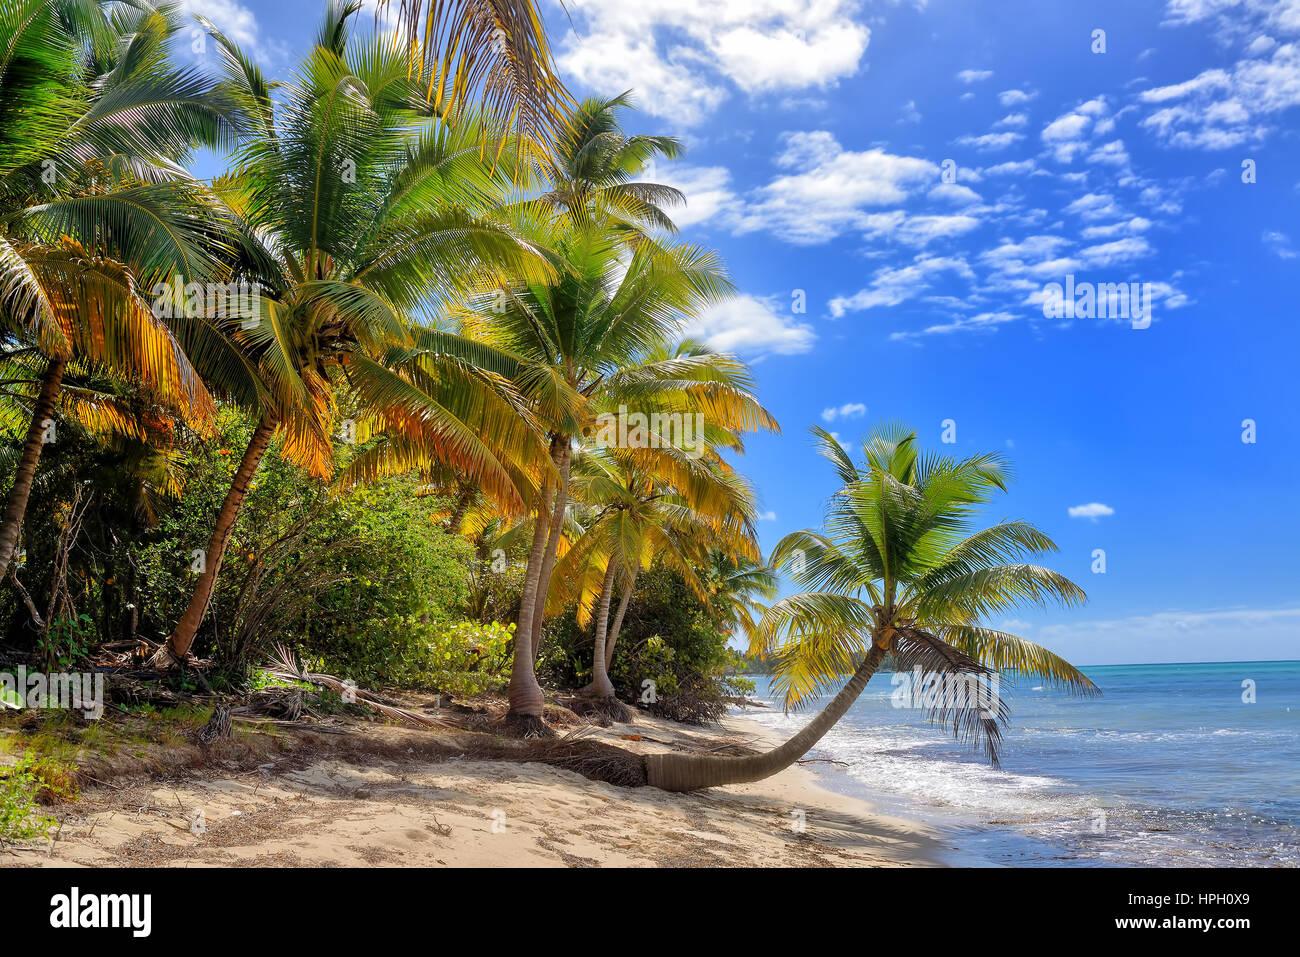 Playa de arena blanca tropical con palmeras. La Isla Saona, República Dominicana Imagen De Stock